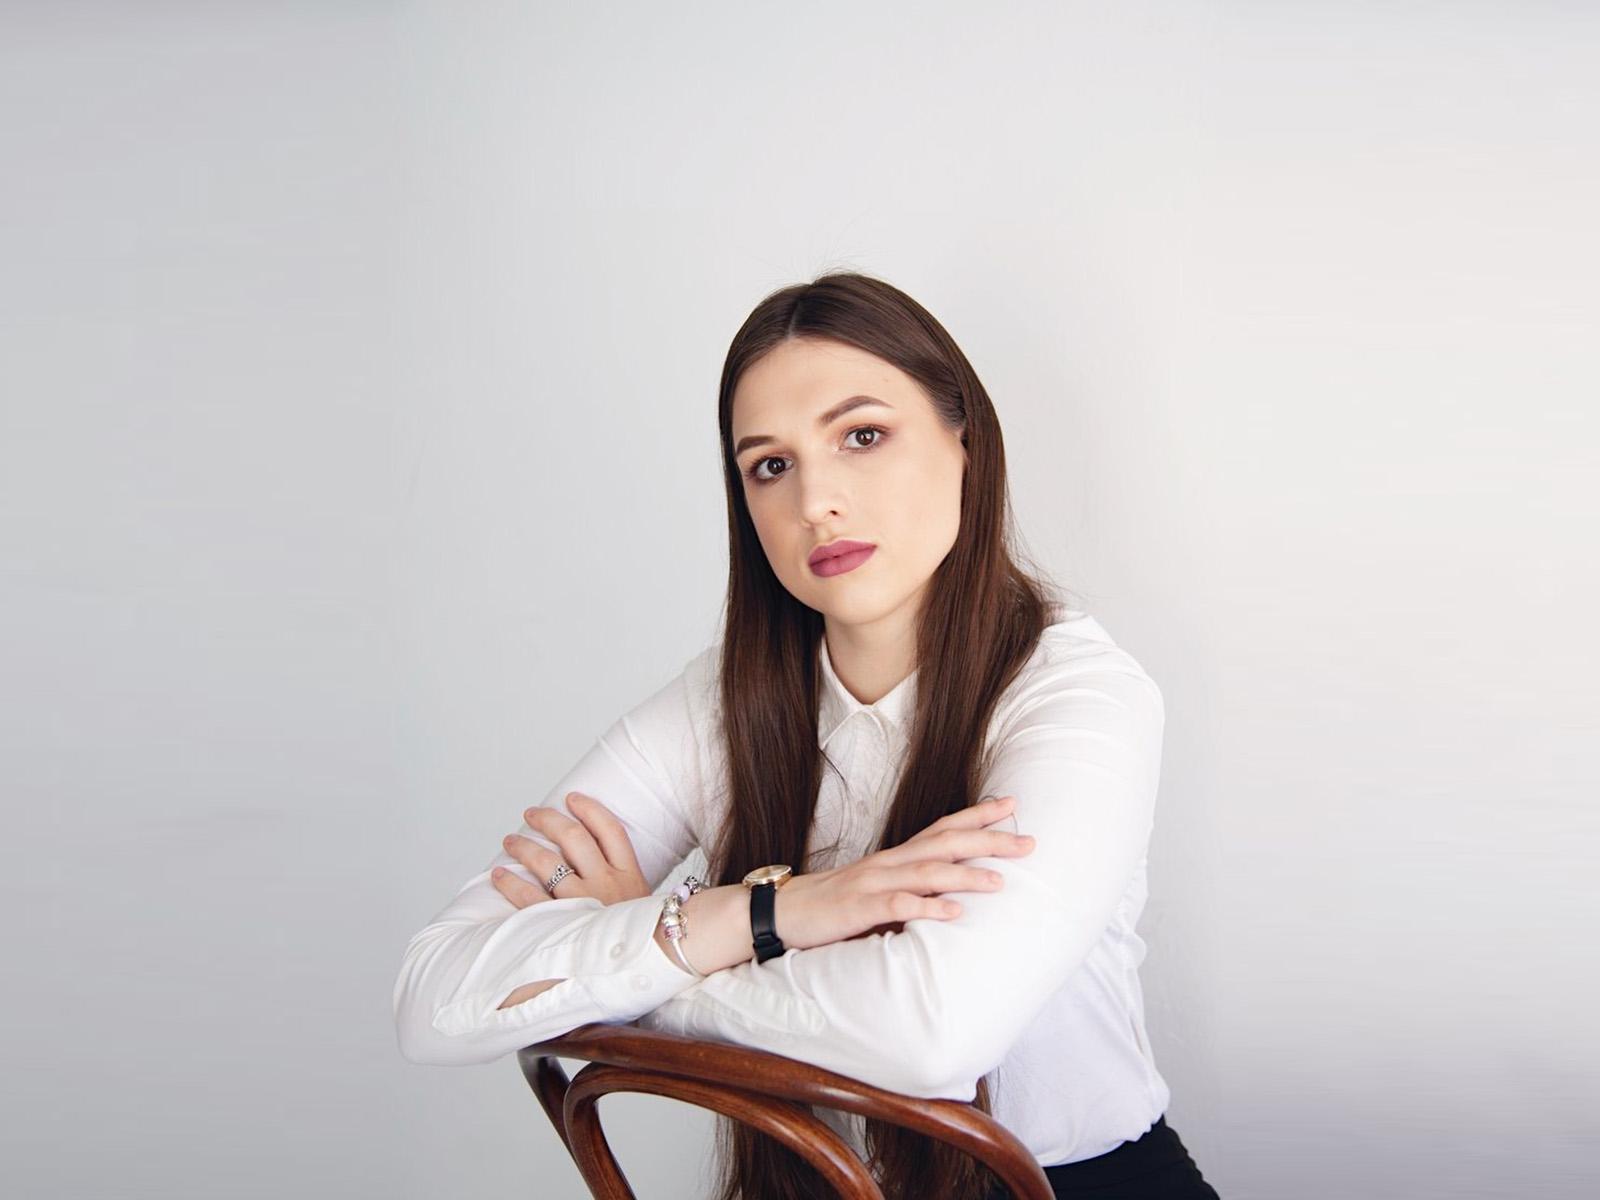 Екатерина Зуйкова - HR-эксперт, основатель онлайн-школы «HR Academy»